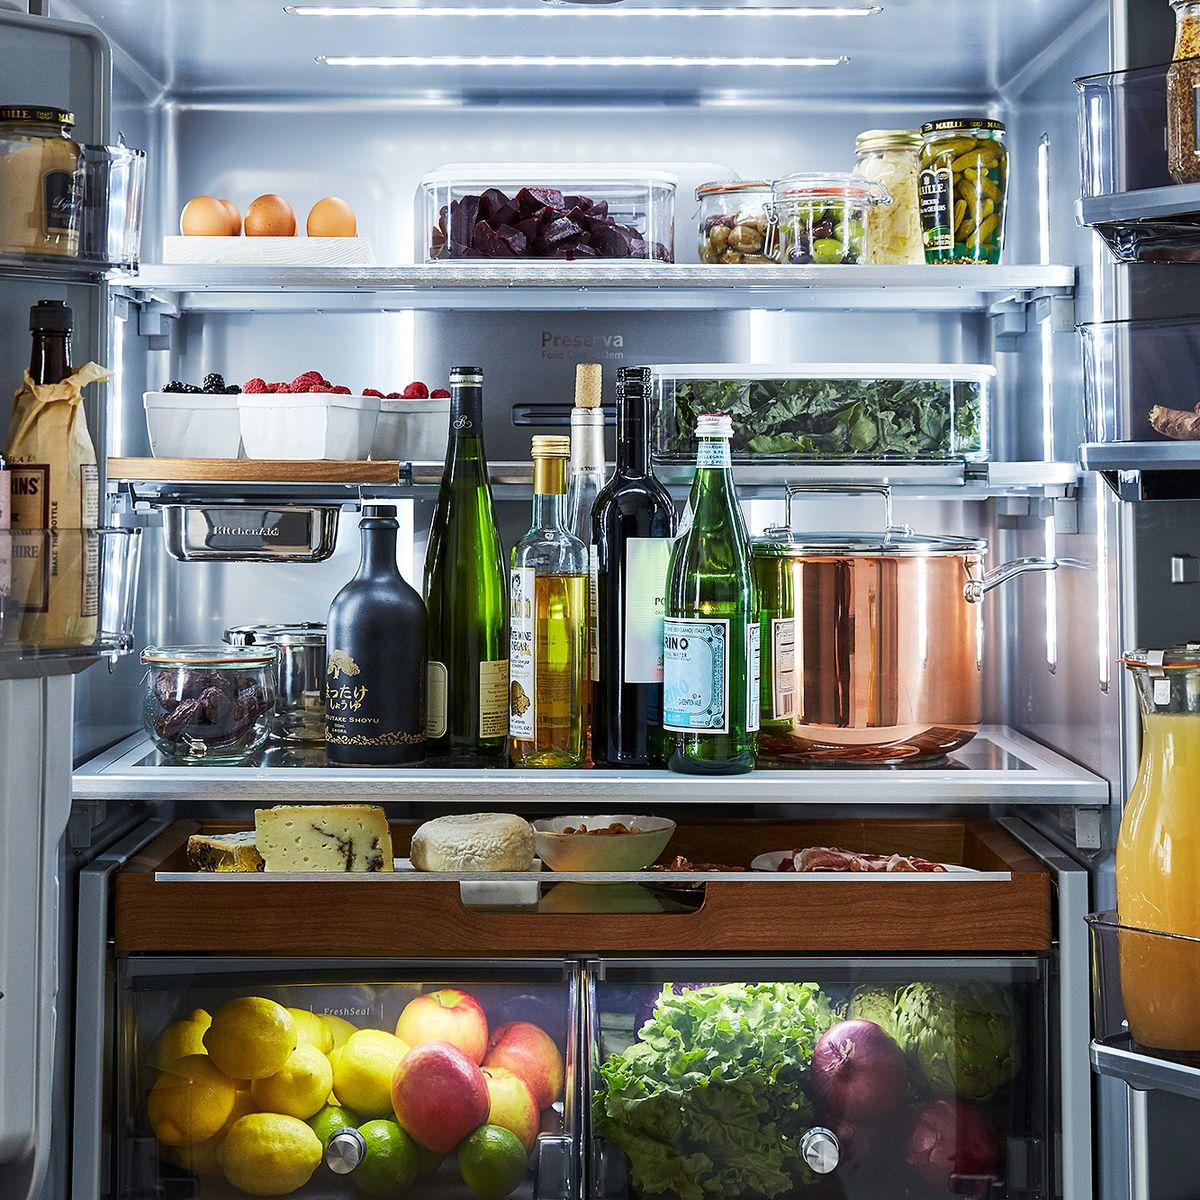 9 Best Refrigerator Organization Storage Ideas For A